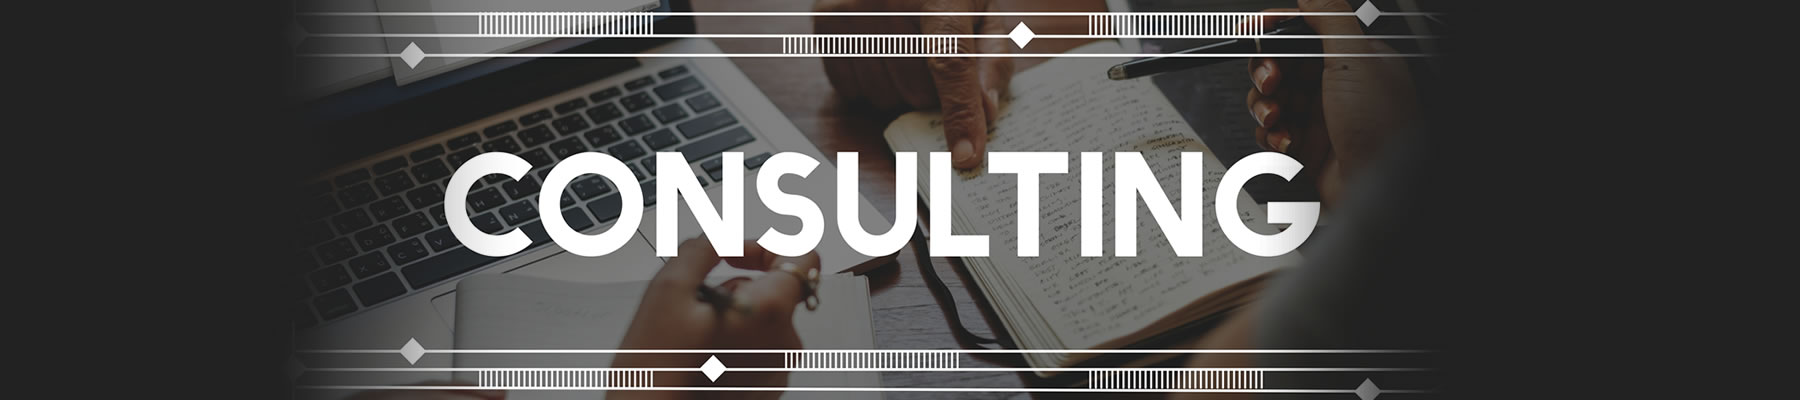 Consulting | Calgary Marketing Company